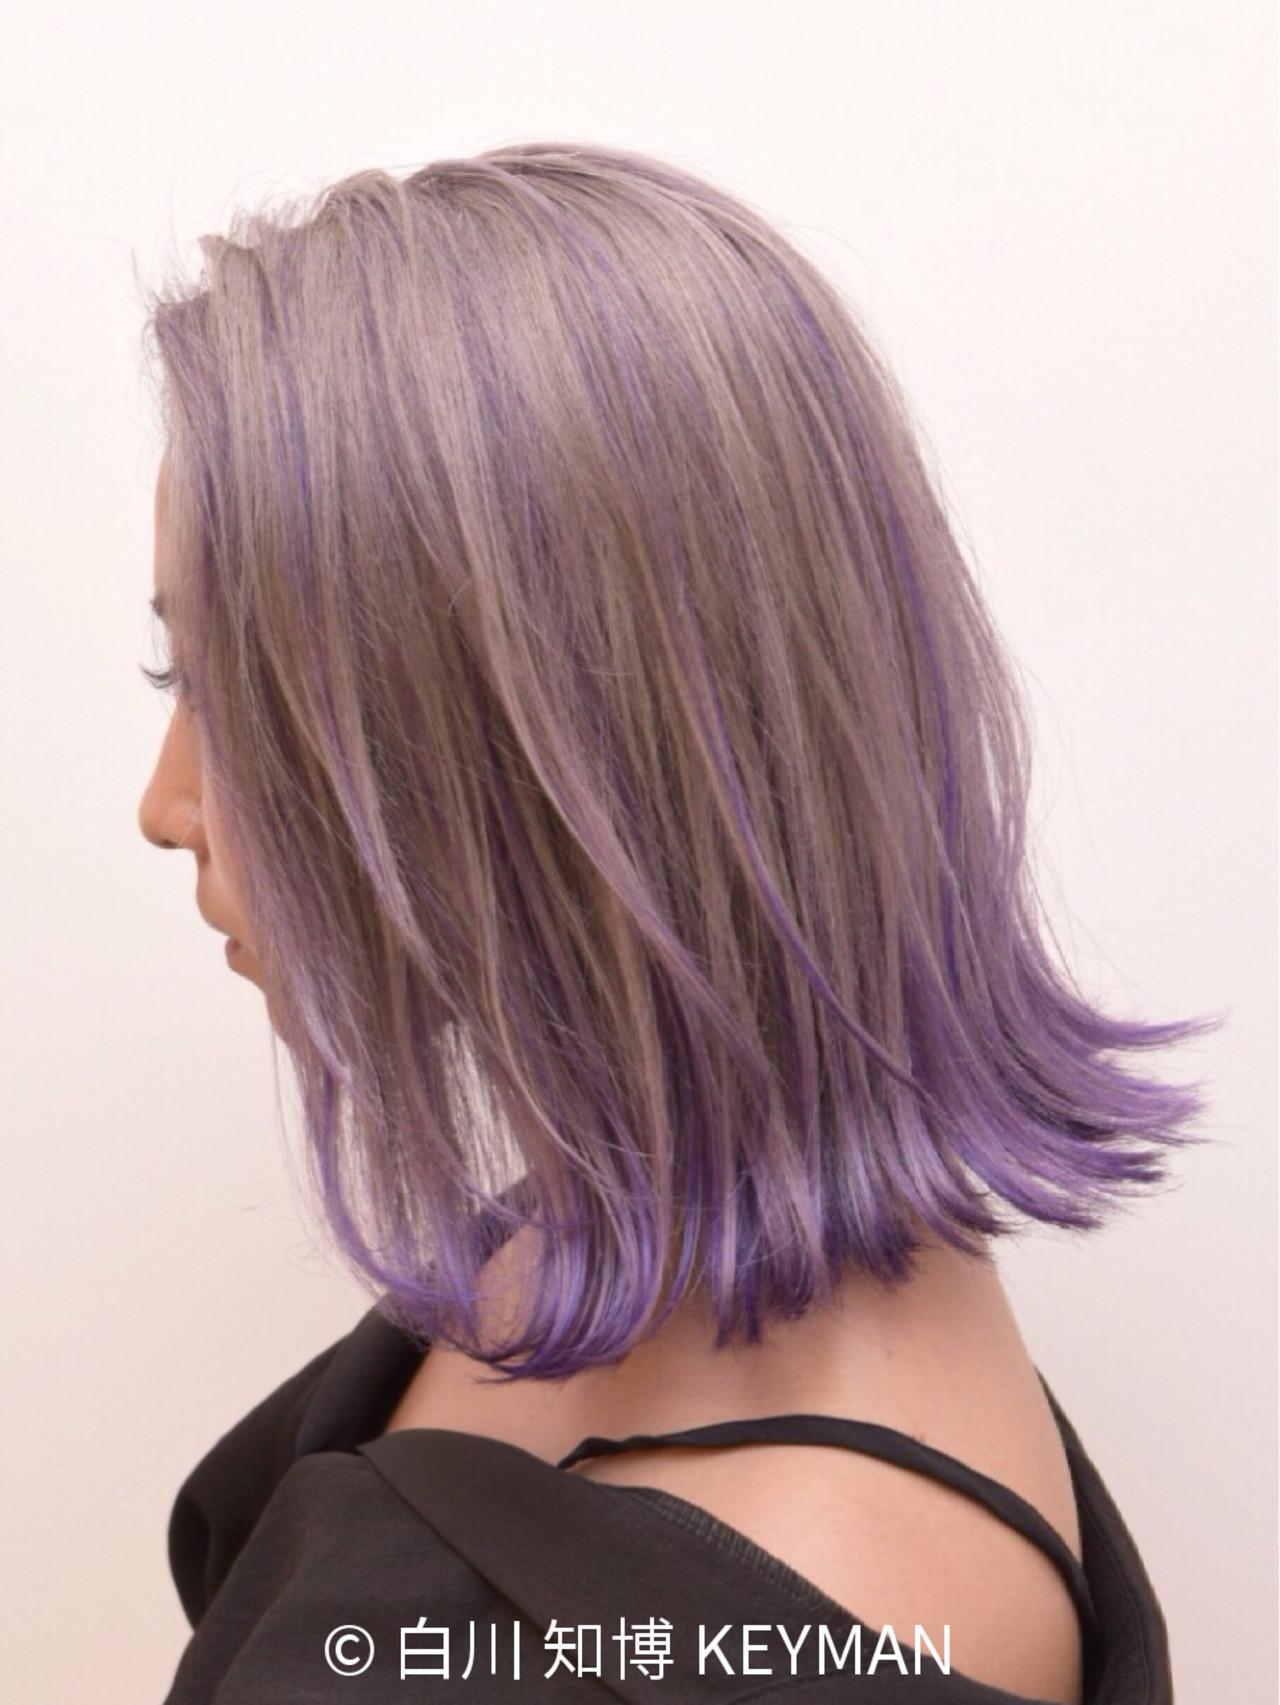 色気 ロブ スポーツ アウトドア ヘアスタイルや髪型の写真・画像 | 白川 知博 / KEYMAN